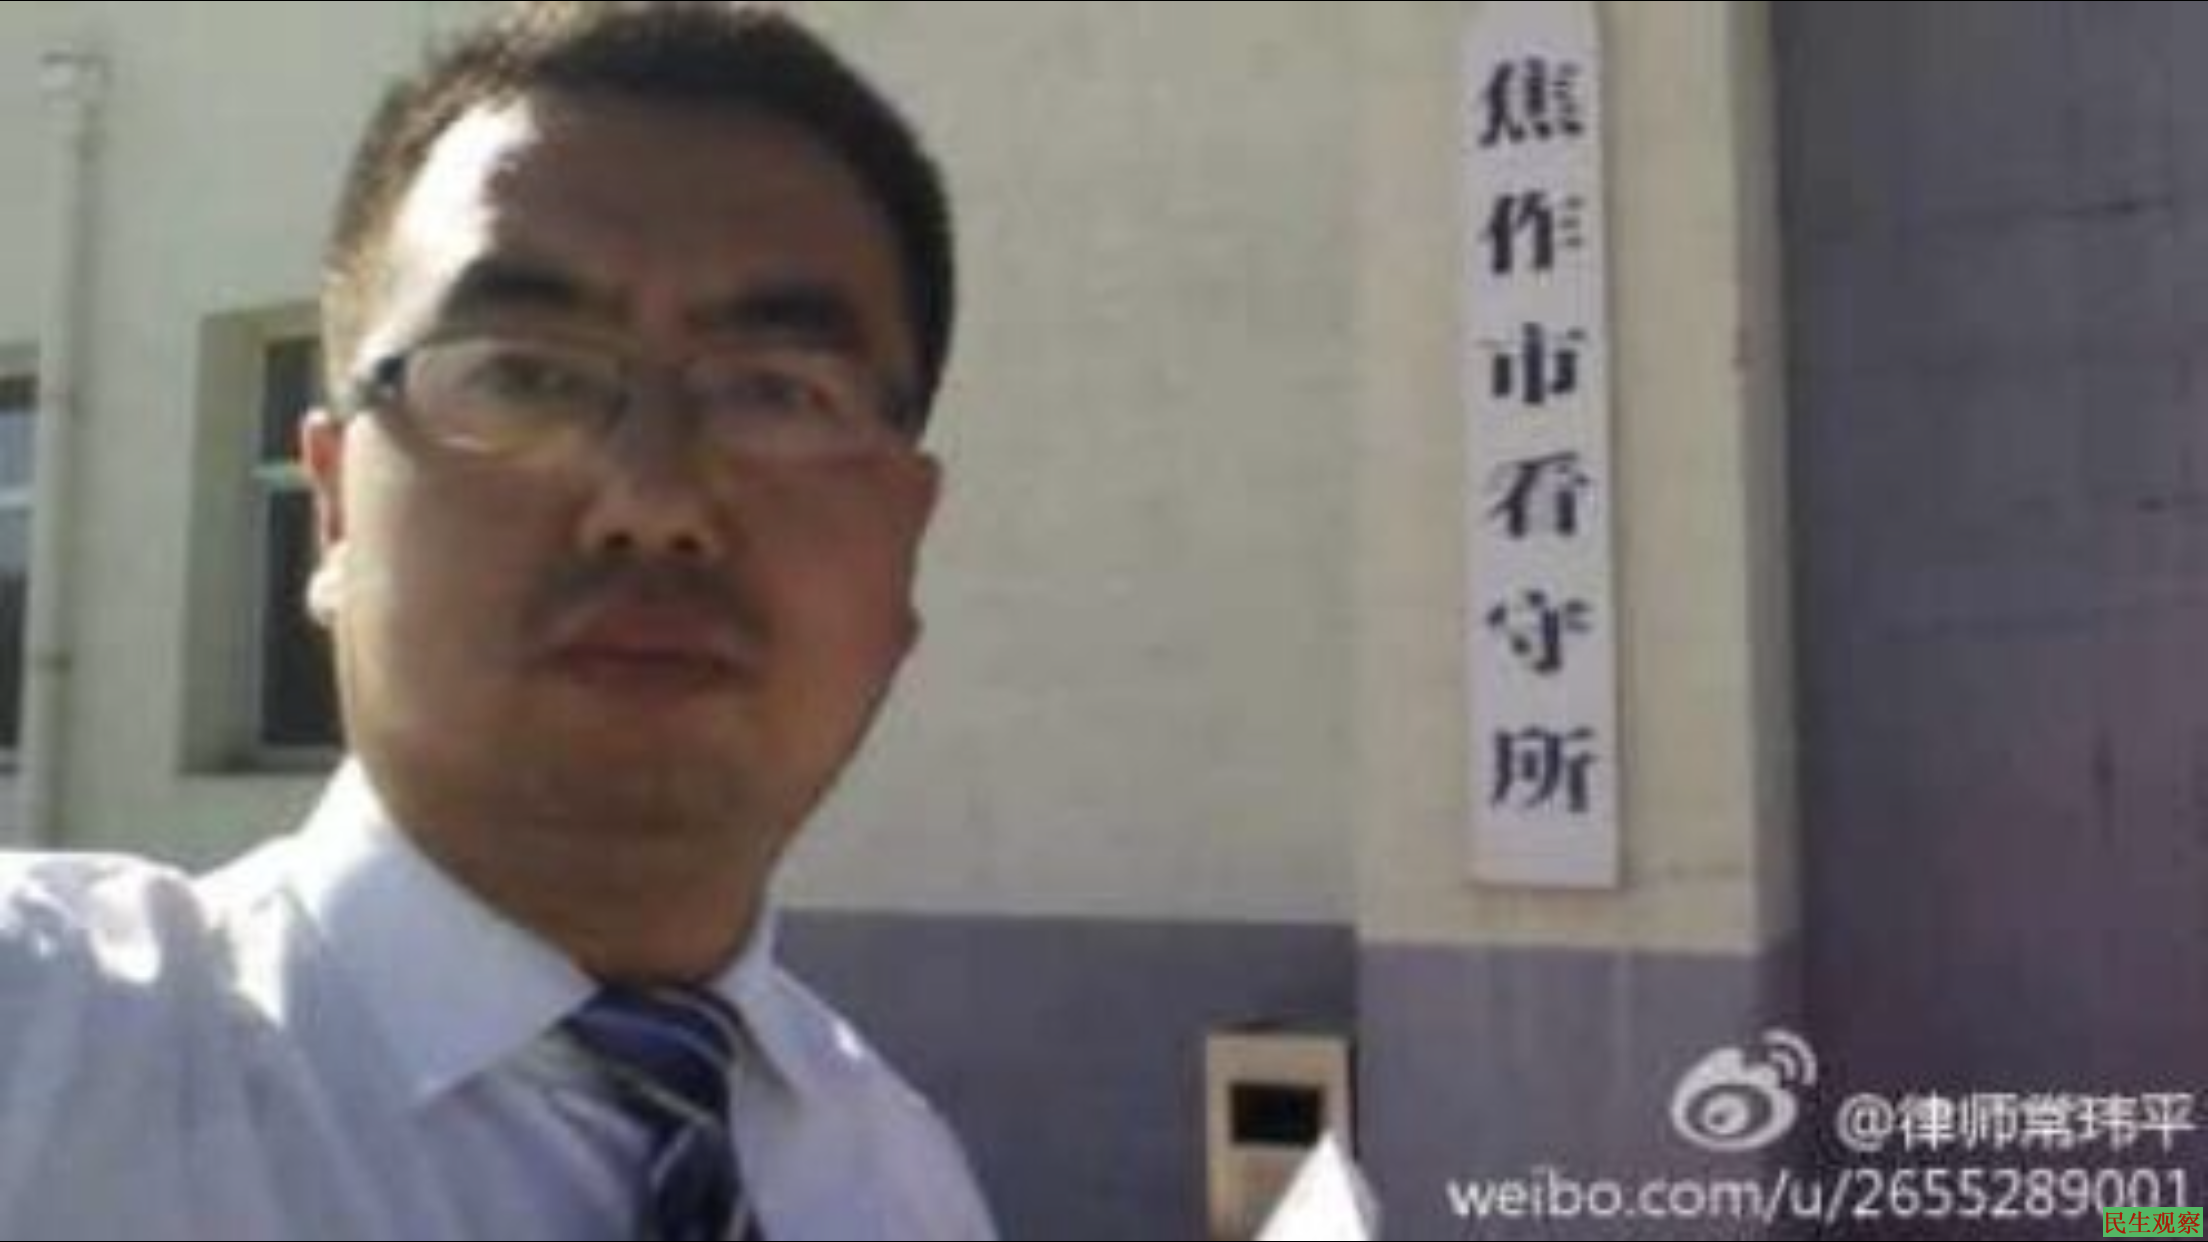 陕西律师常玮平被指定监视居住